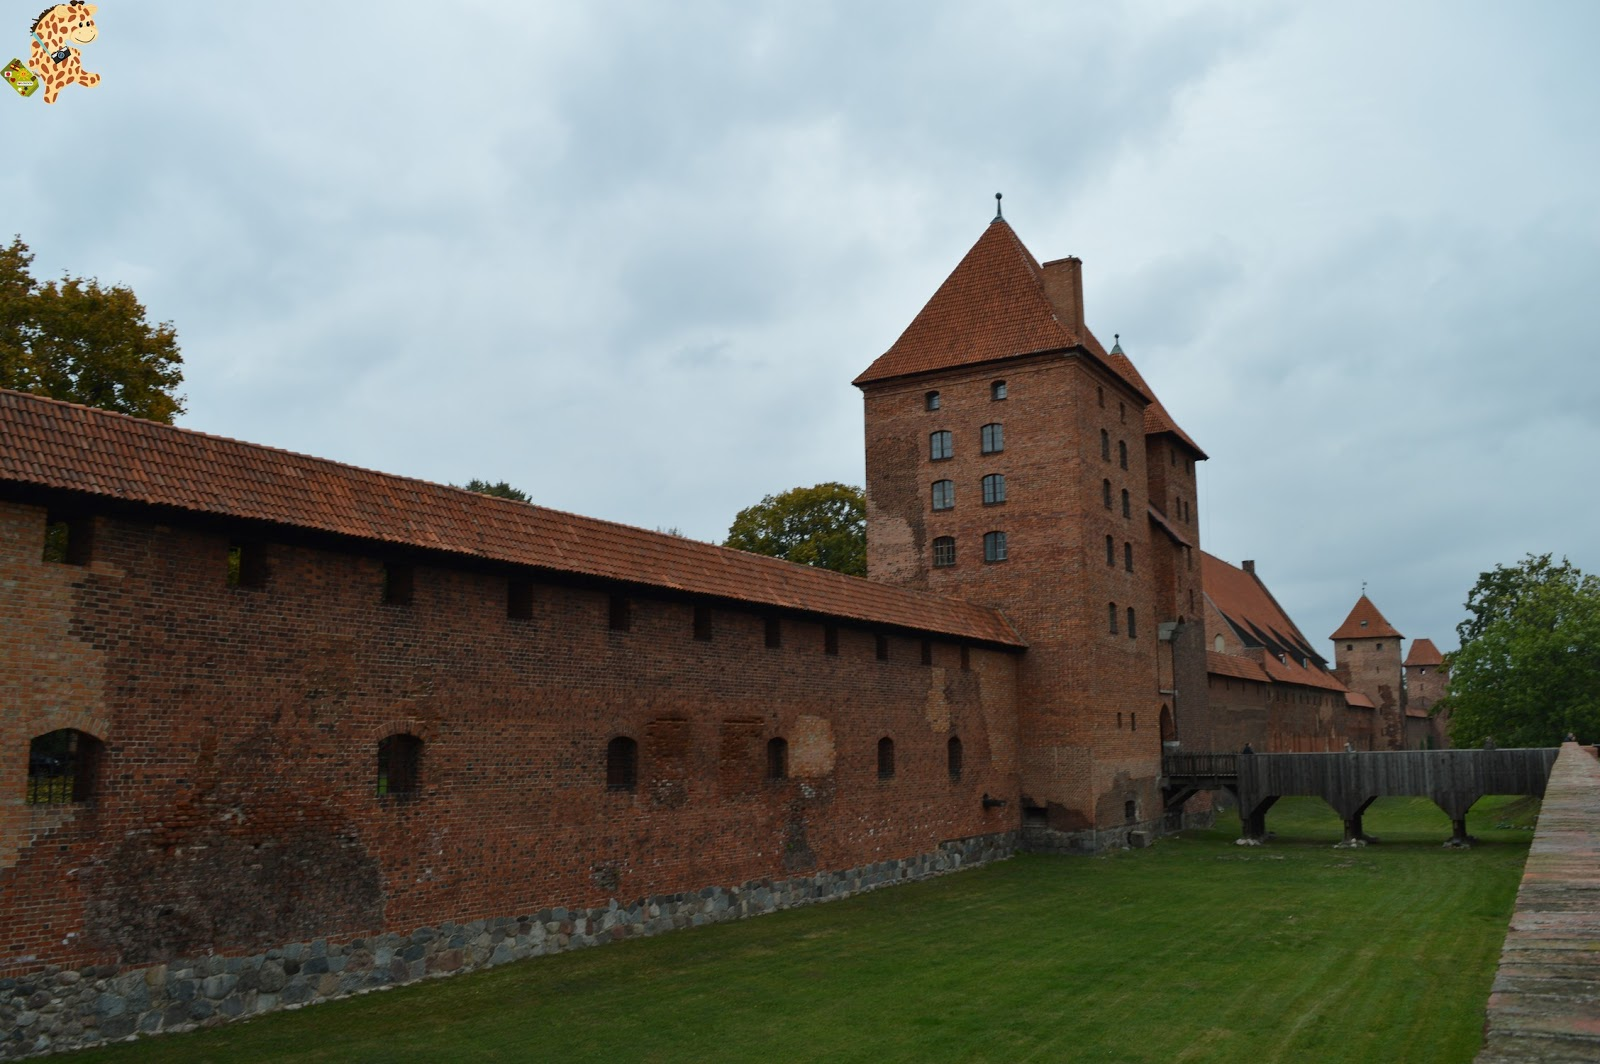 castillomalbork28329 - Castillo de Marlbork, la fortaleza roja